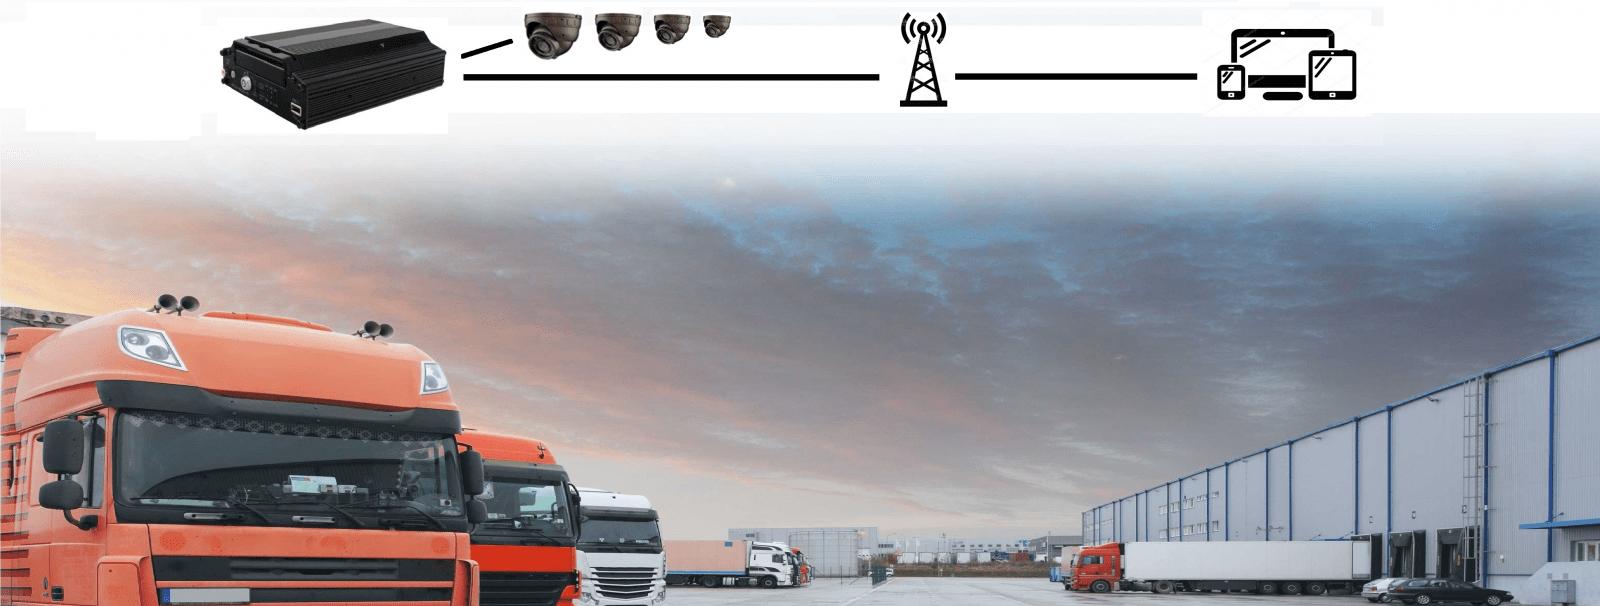 Mobil Nvr Sistemleri Ankara